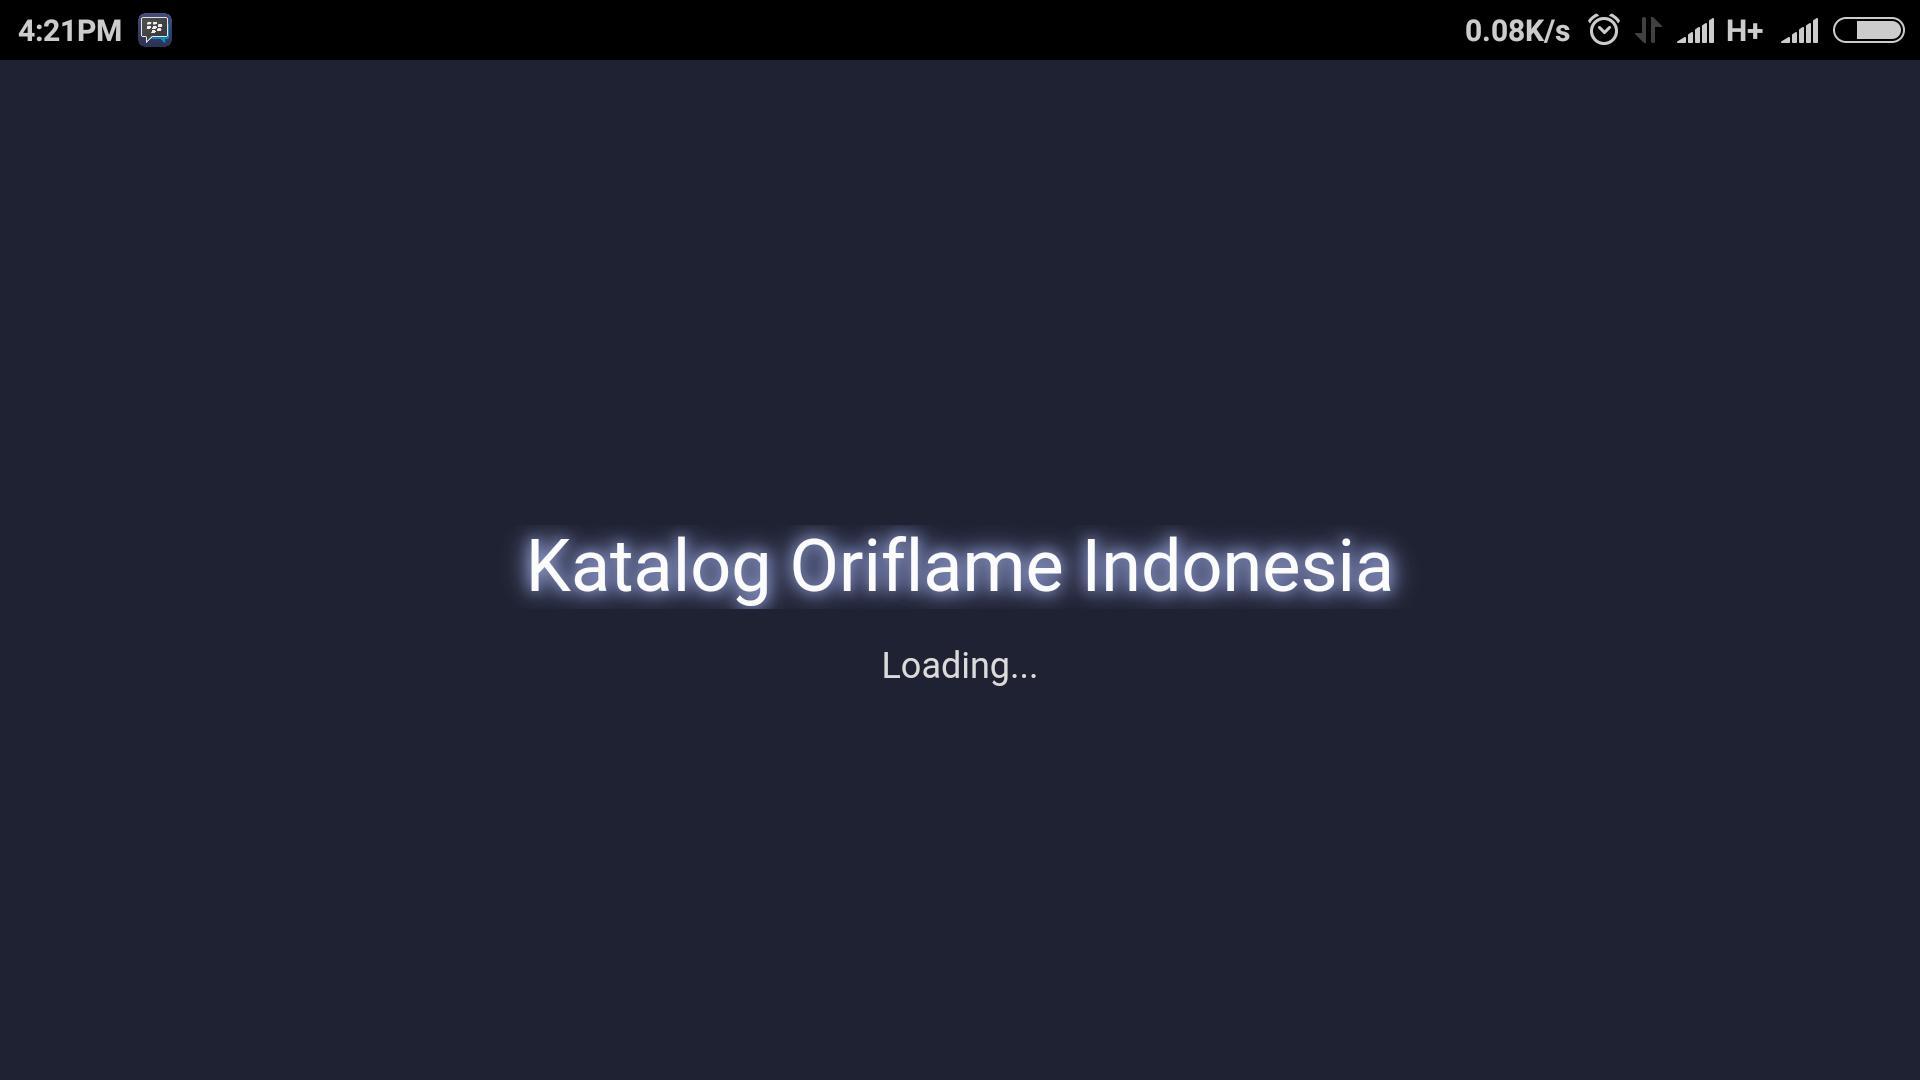 Oriflame Katalog ID3 poster